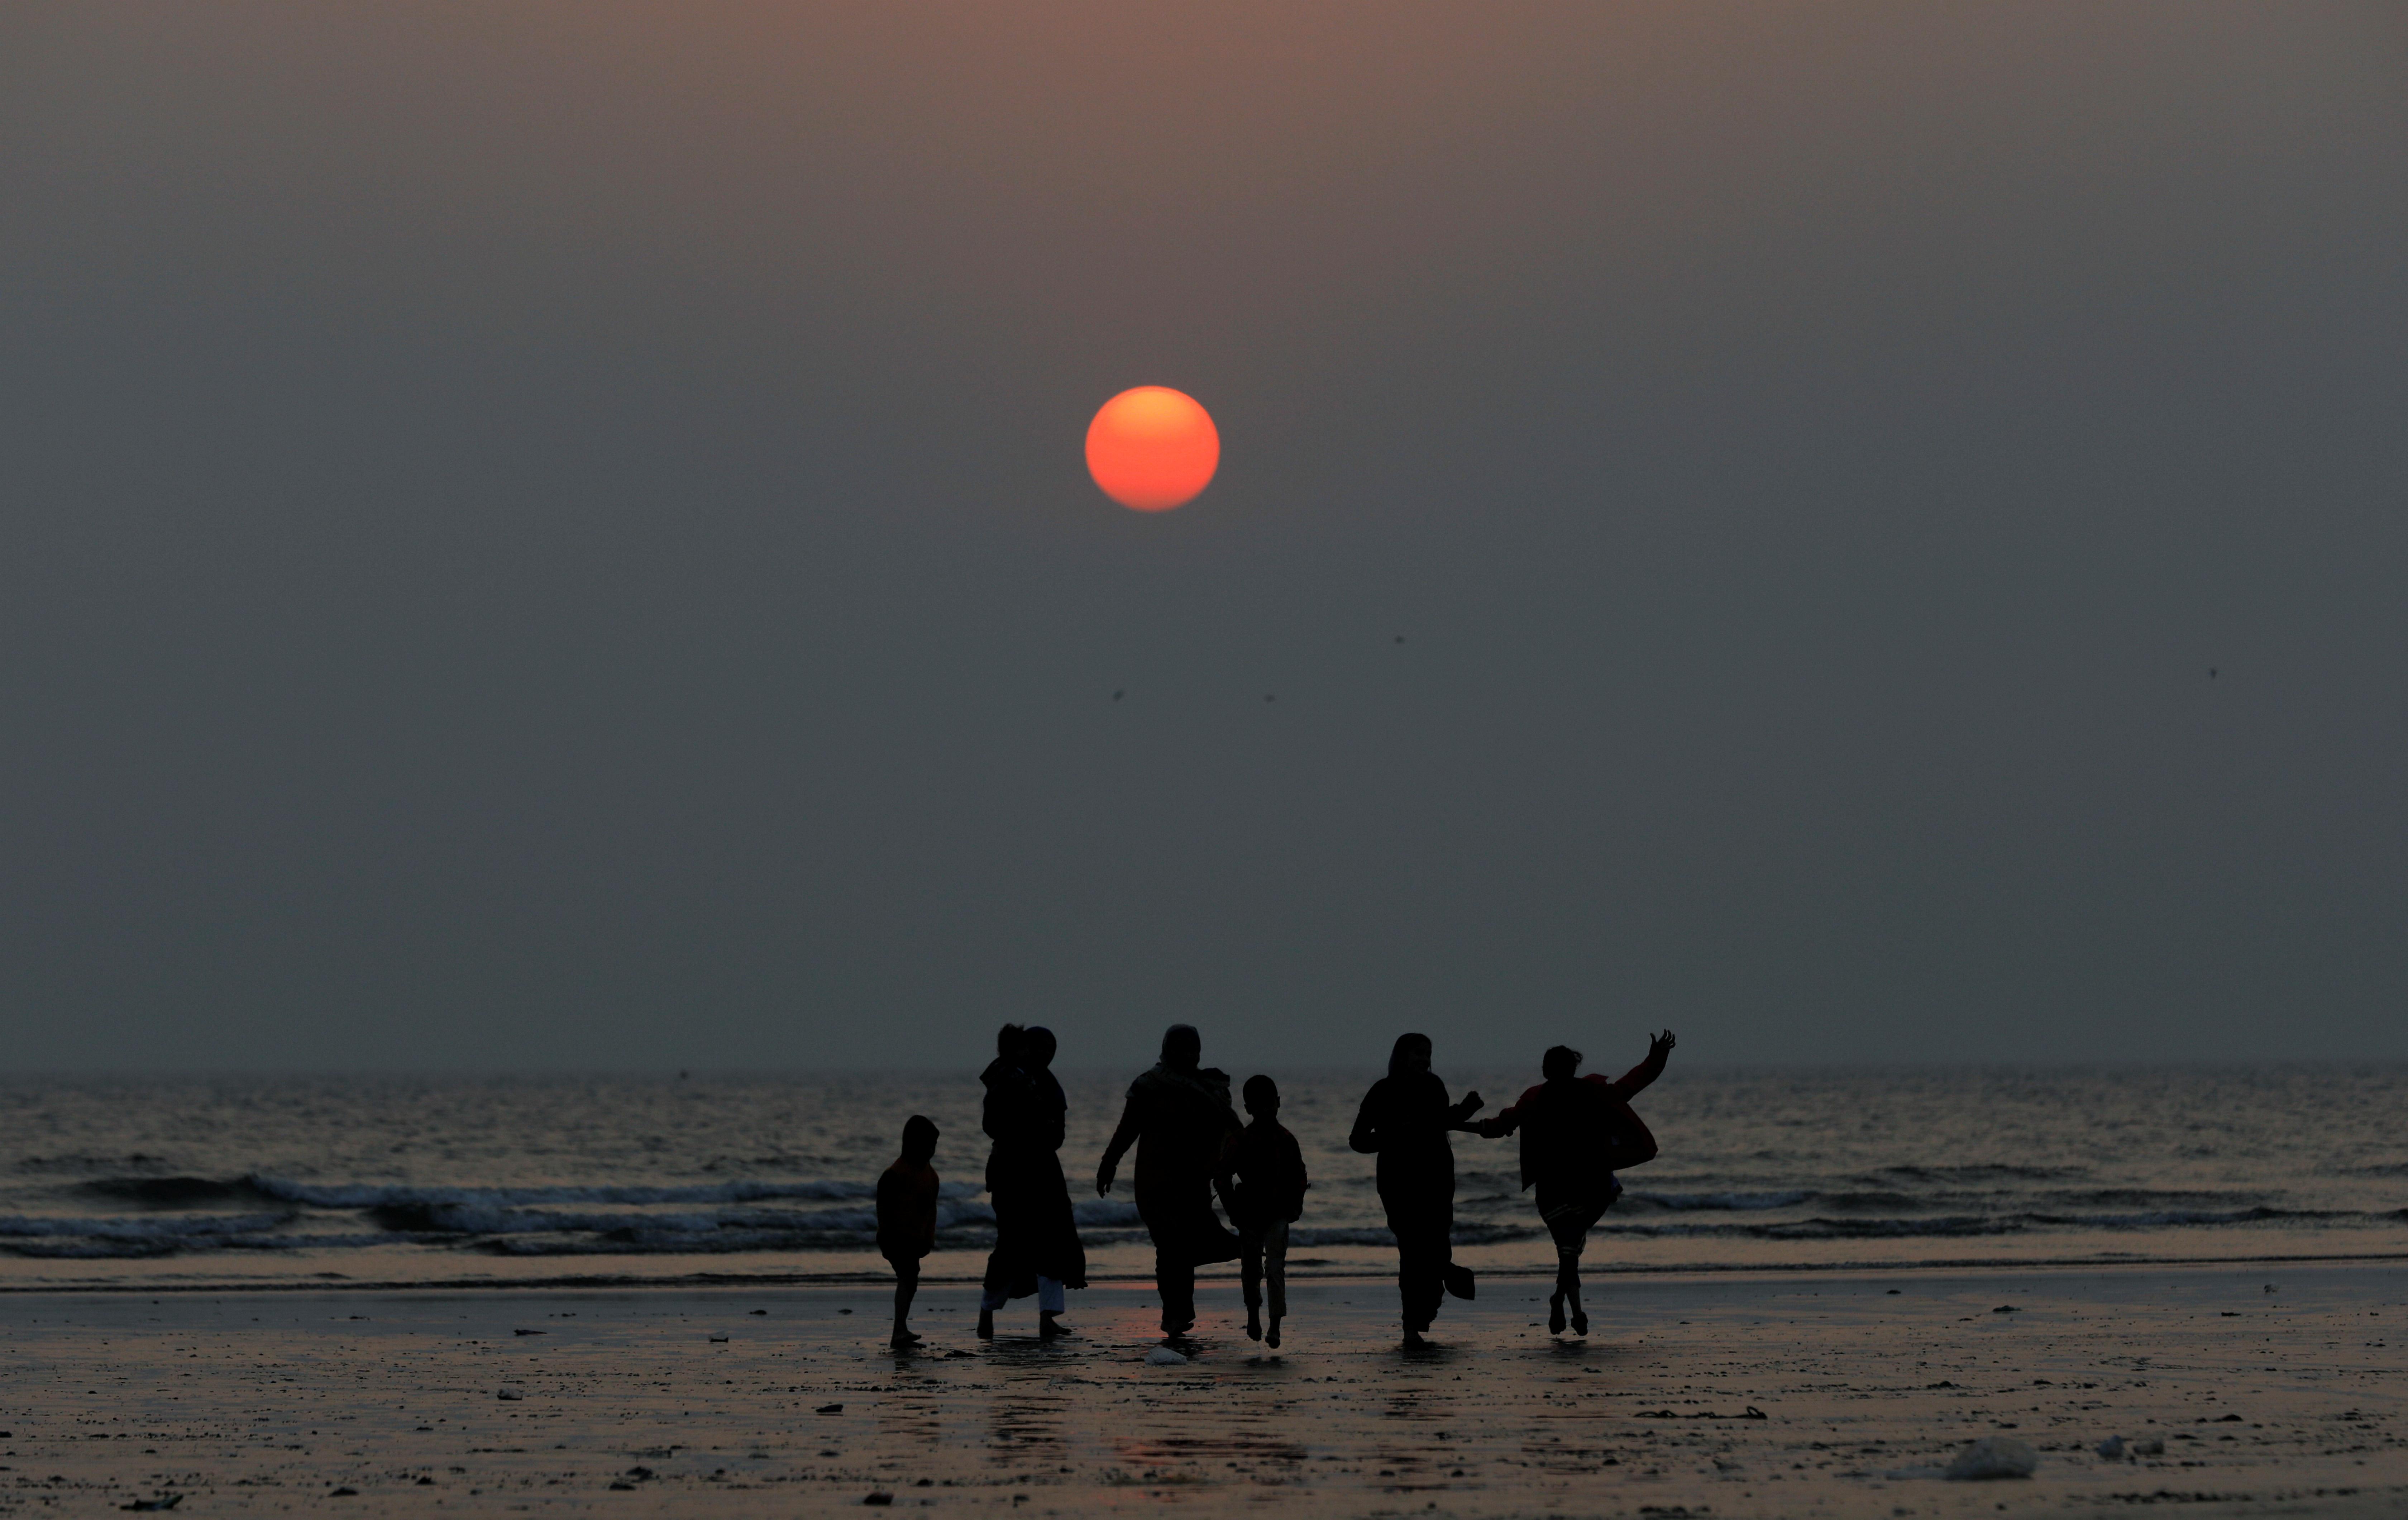 Una familia en la playa de Clifton, en Karachi, Pakistán, en la última puesta de sol de 2019